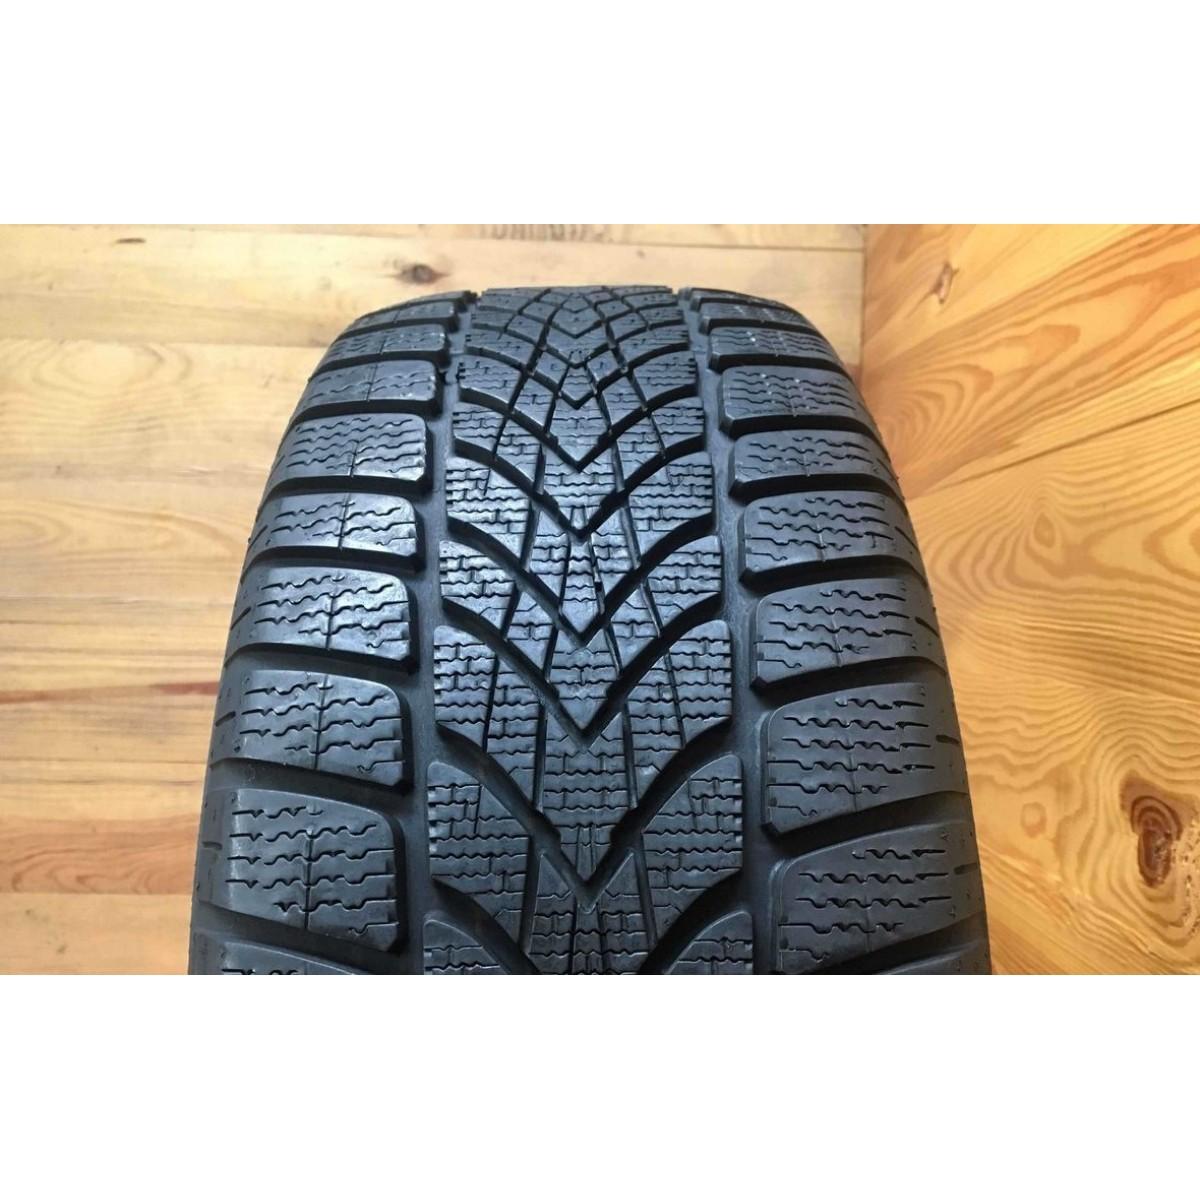 225/65R17 Dunlop SP Winter Sport 4D